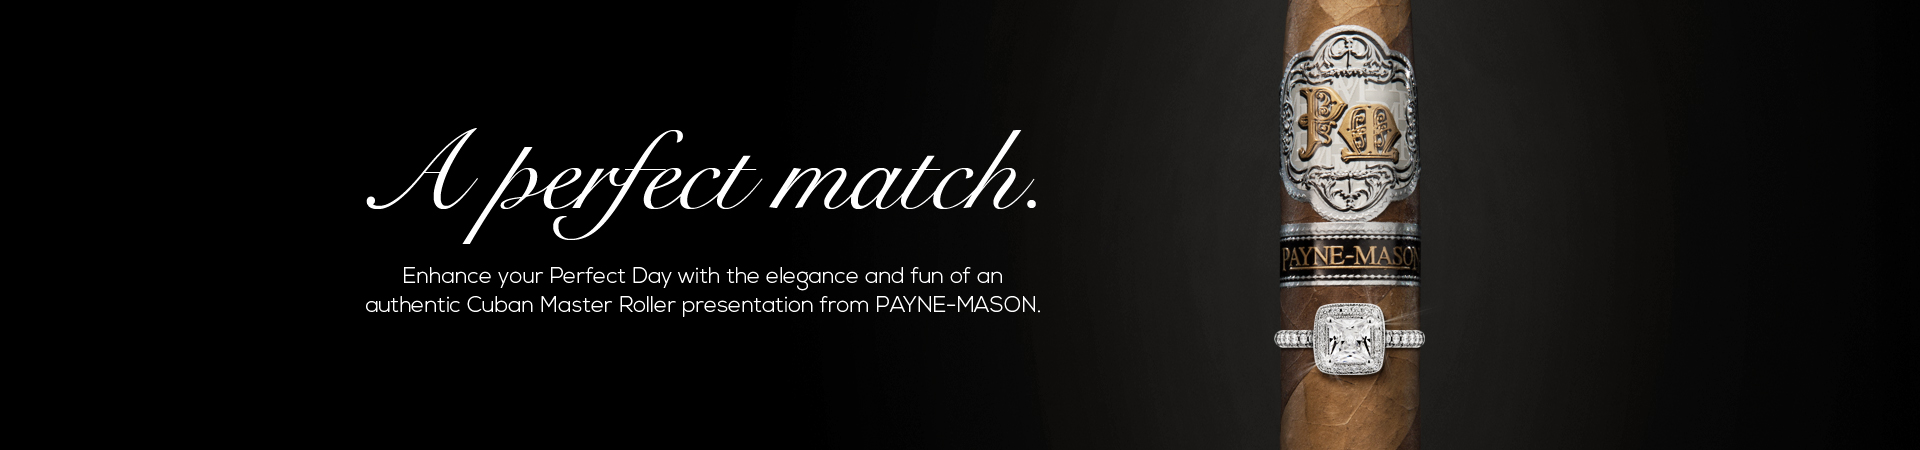 PM-Wedding-Website-Main-Banner